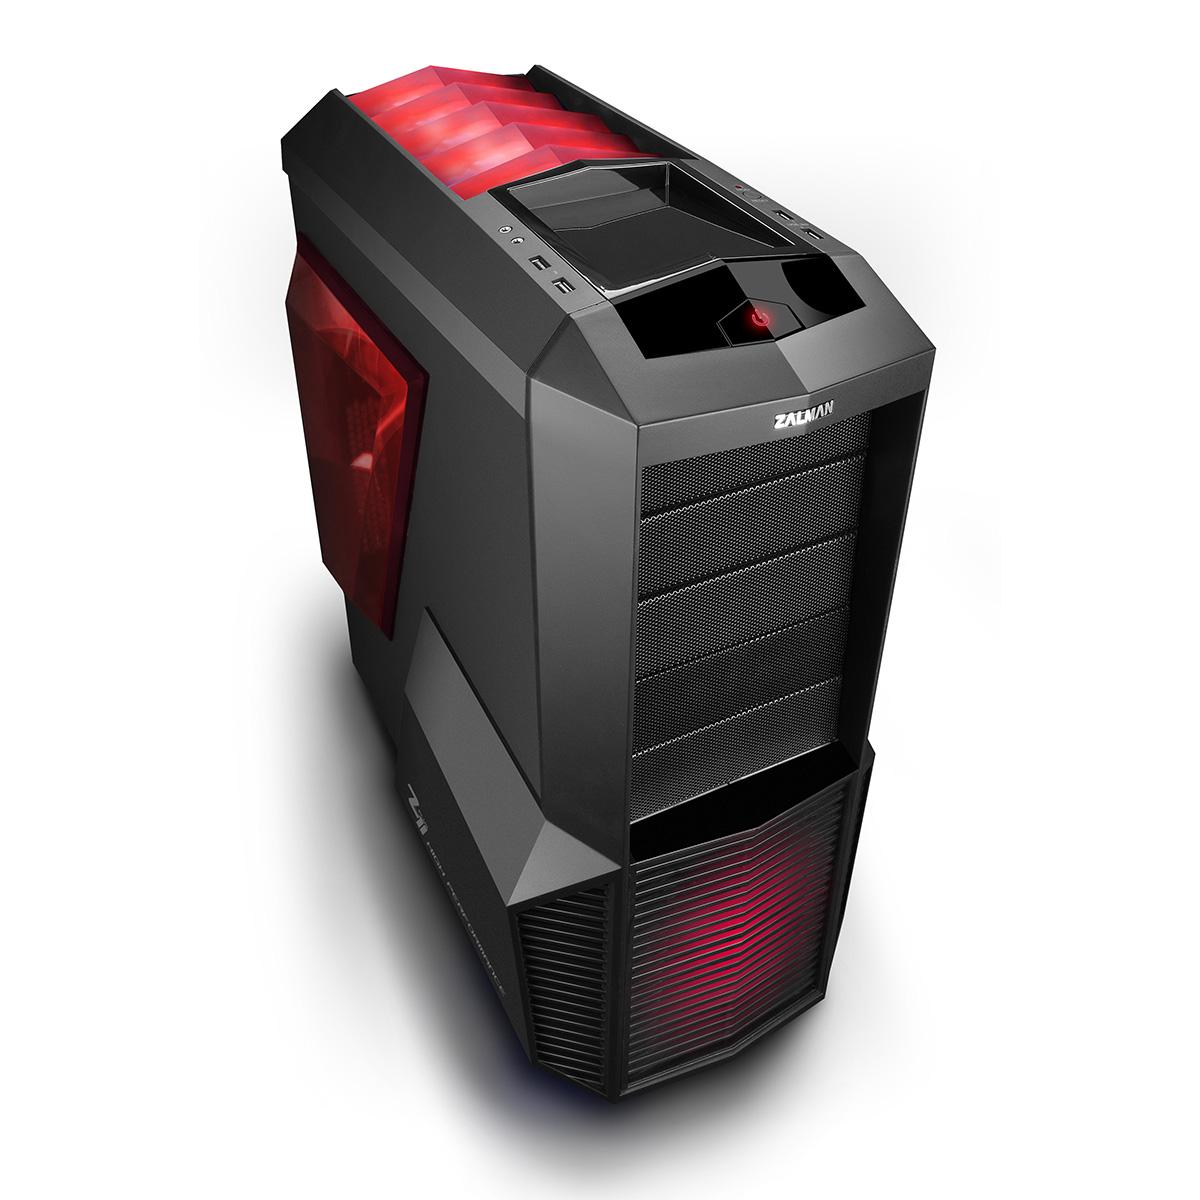 PC de bureau LDLC PC10 Origin AMD FX 4300 8 Go HDD 1 To AMD Radeon RX 470 4 Go Graveur DVD Windows 10 Famille 64 bits (monté)